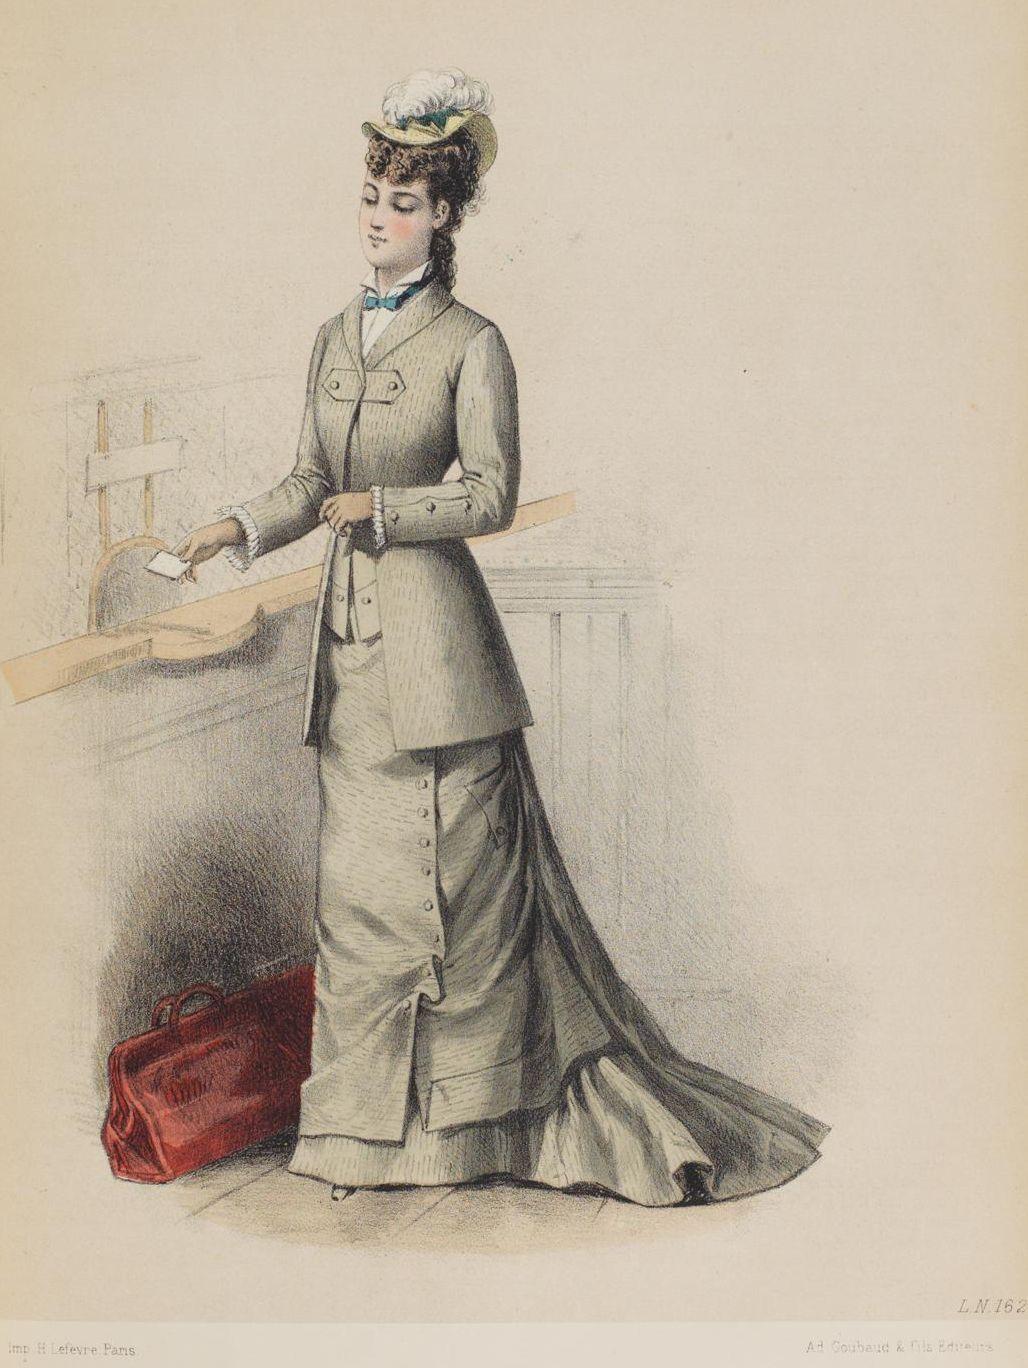 Le moniteur de la mode ss dresses suitshair styles